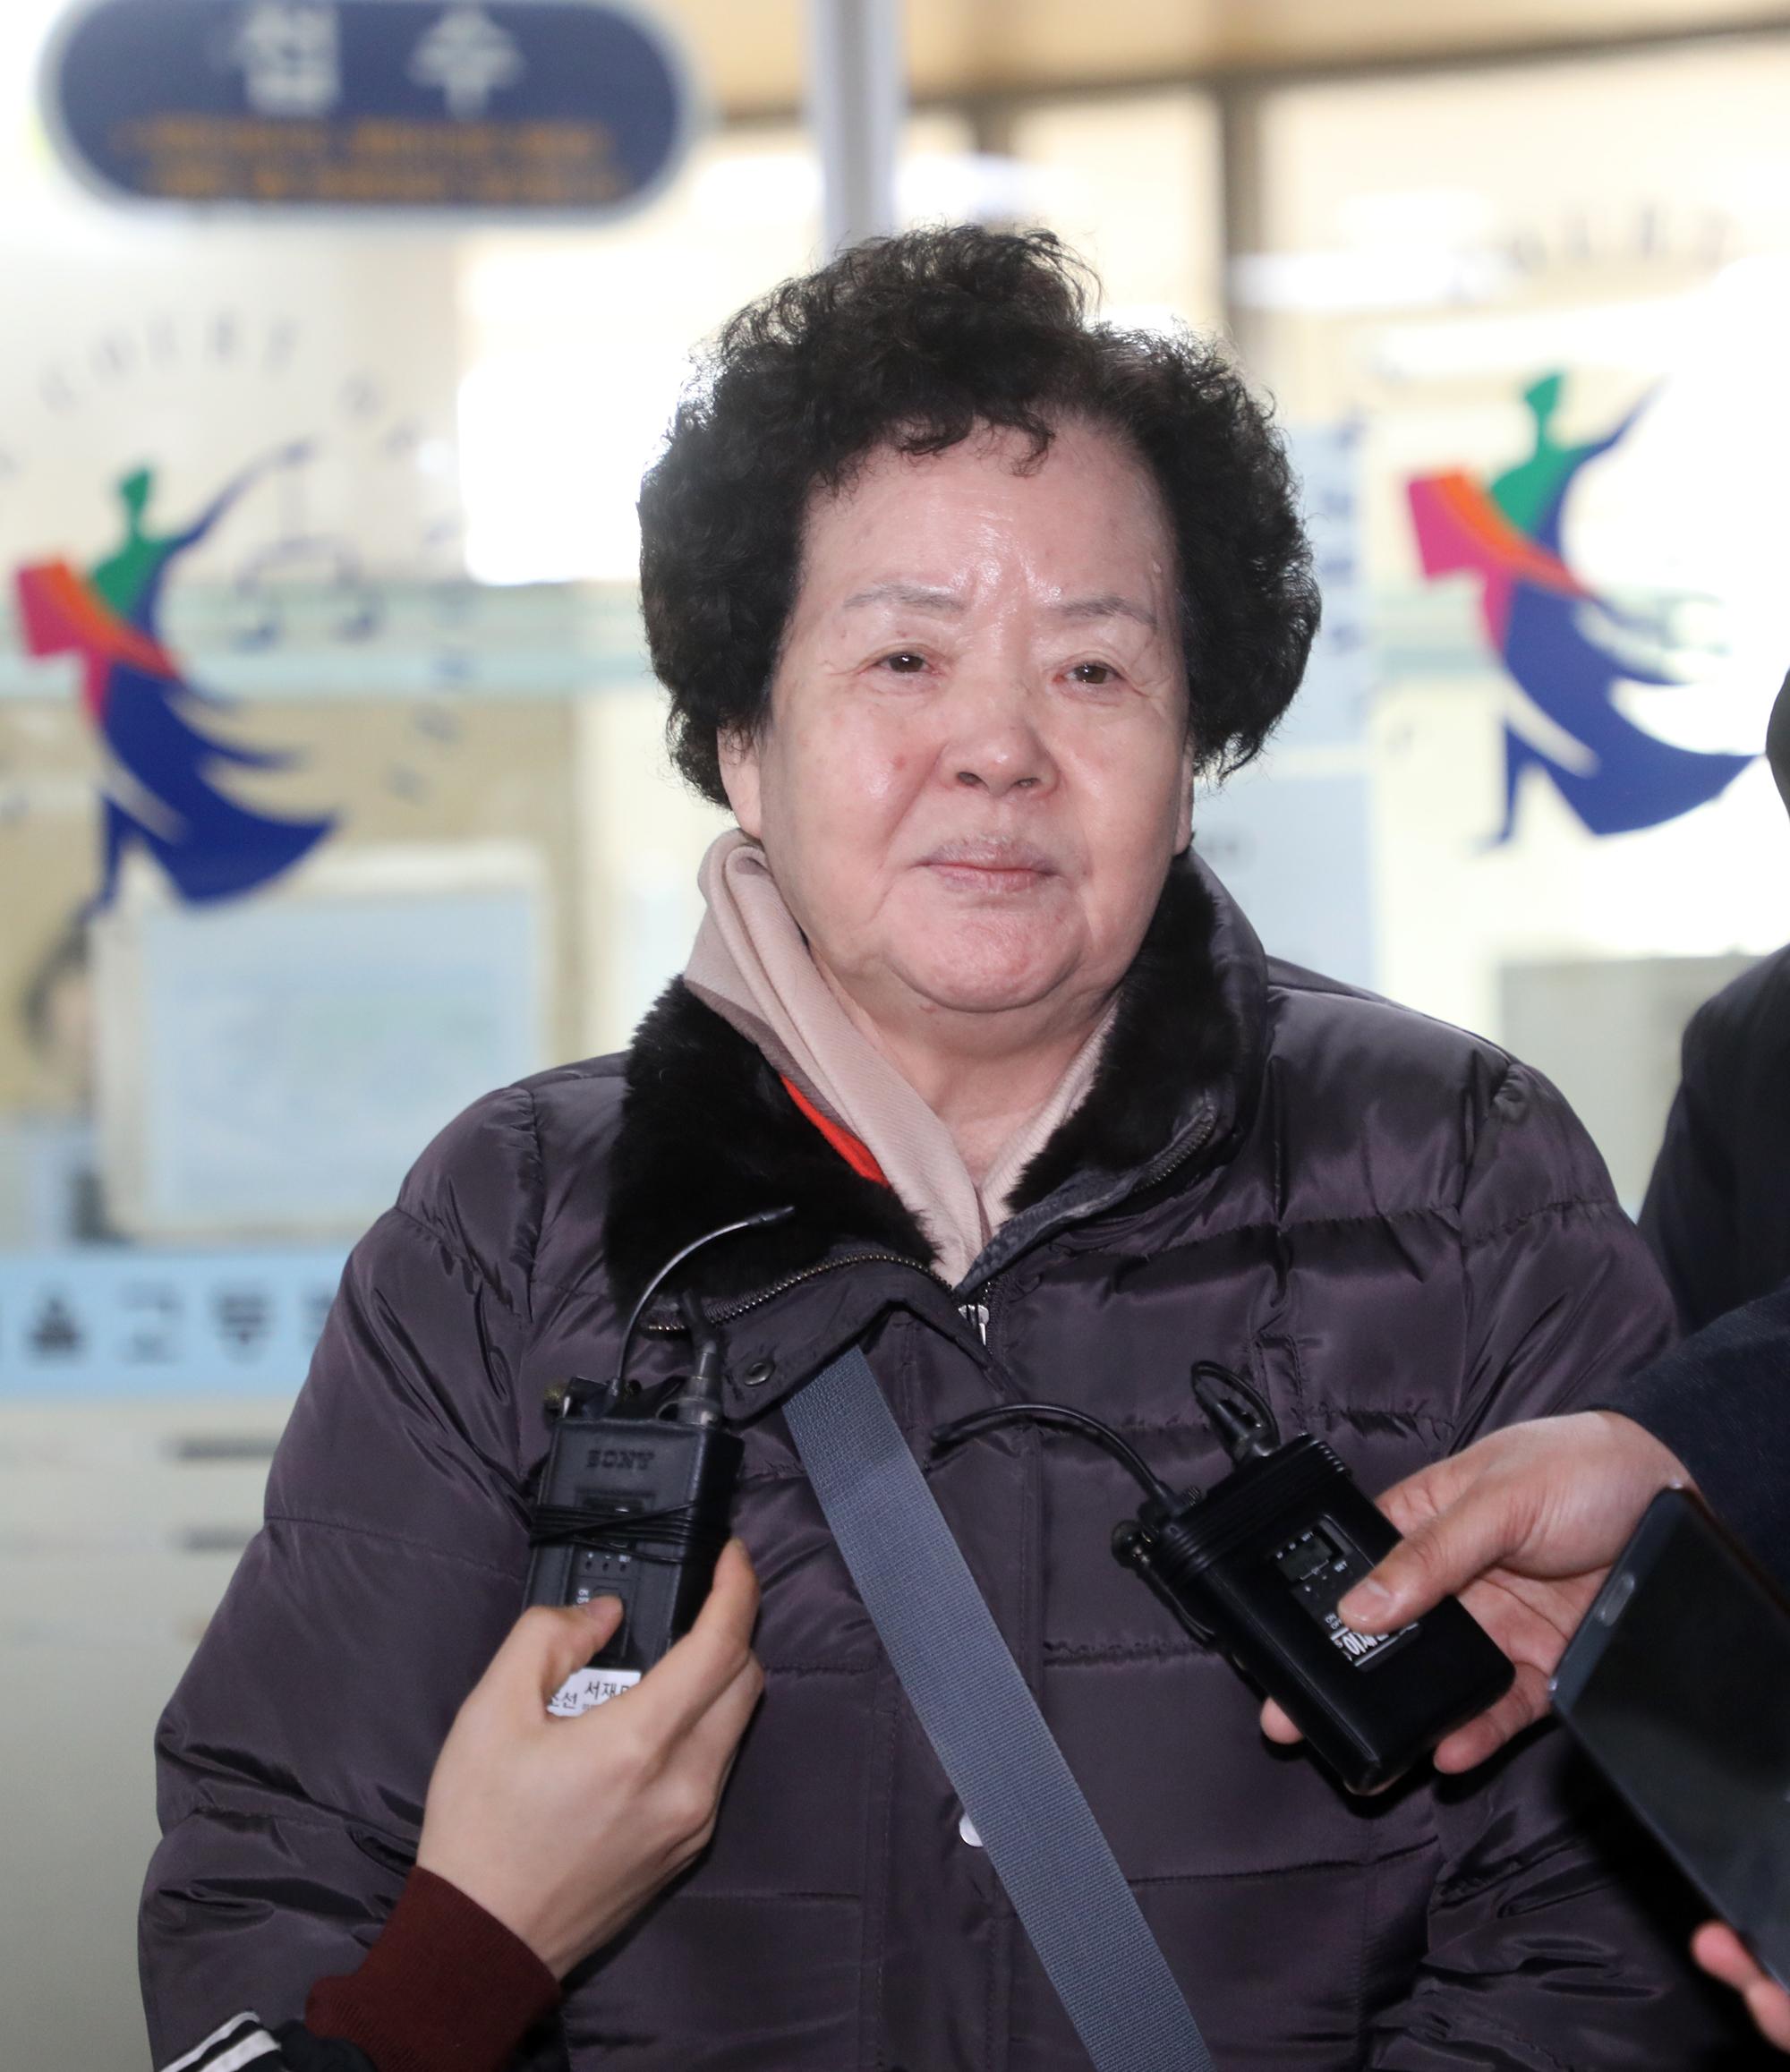 '이태원 살인사건' 피해자 고 조중필 씨의 어머니 이복수씨가 13일 오후 서울중앙지법에서 1심과 같은 국가배상 인정 2심 판결을 받은 후 기자들의 질문에 답하고 있다. [연합뉴스]